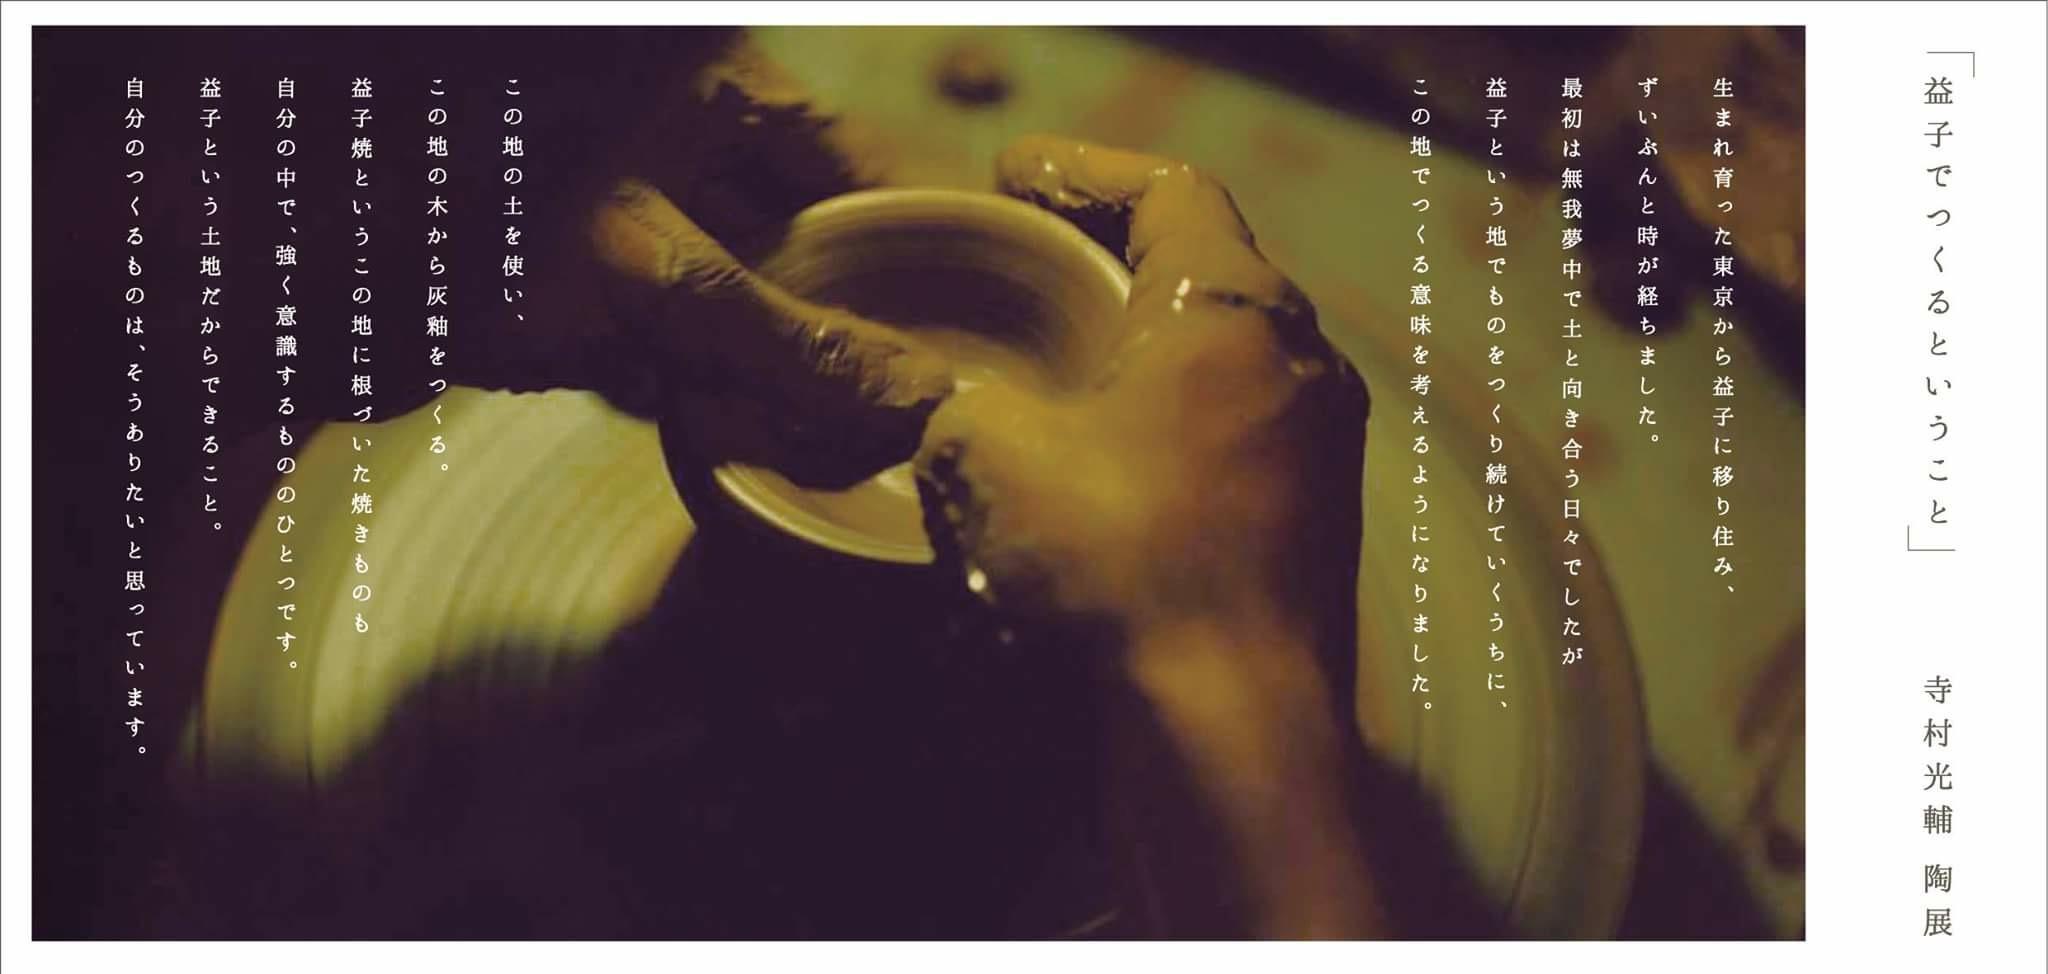 『益子でつくるということ』寺村光輔 陶展 2016.7.23(土)-30(土)_e0190453_15204078.jpg